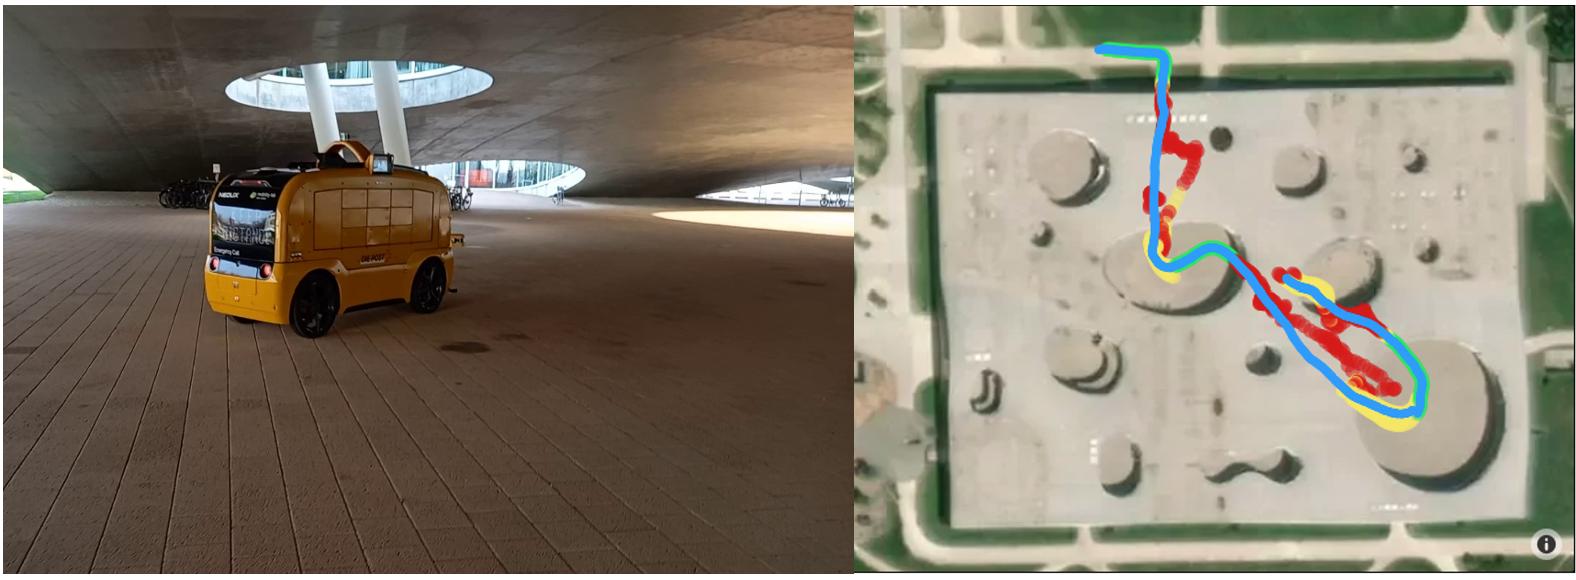 La navette automatique sous le Rolex Learning Center / Le tracé détaillé sous le bâtiment